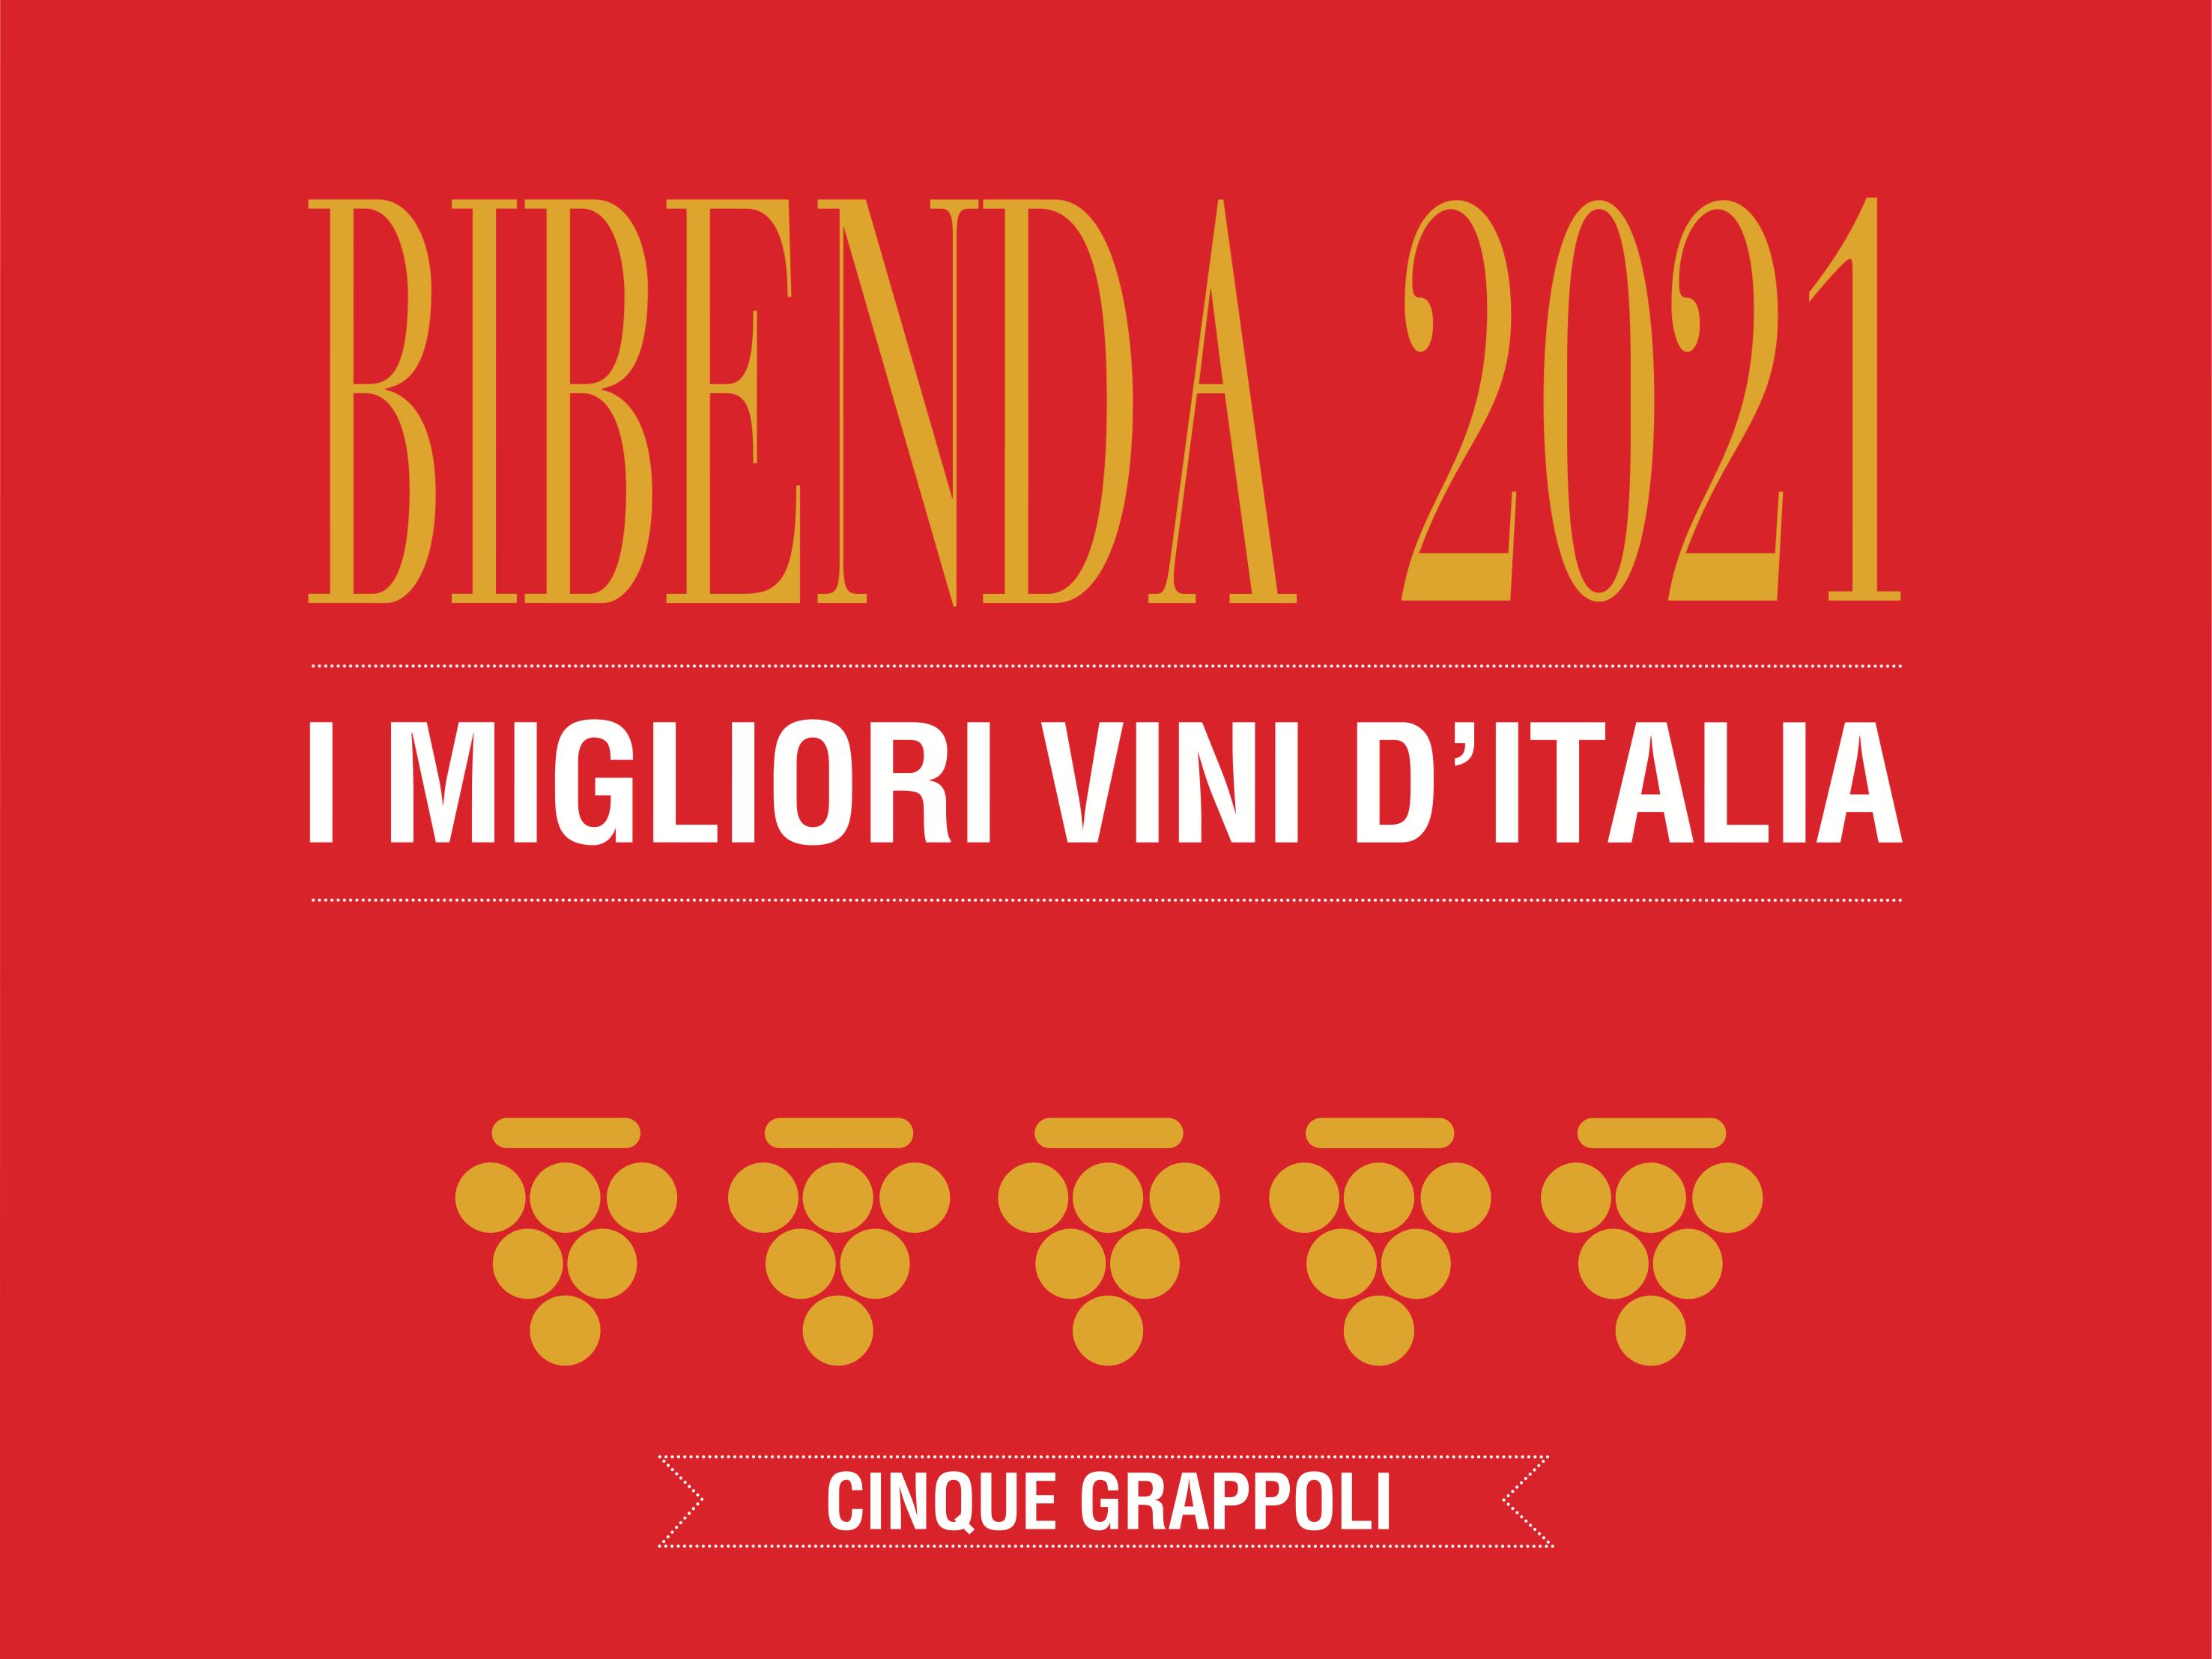 Jankara Vermentino di Gallura Superiore 2019 wins Bibenda's prestigious 5 Grappoli 2021 award